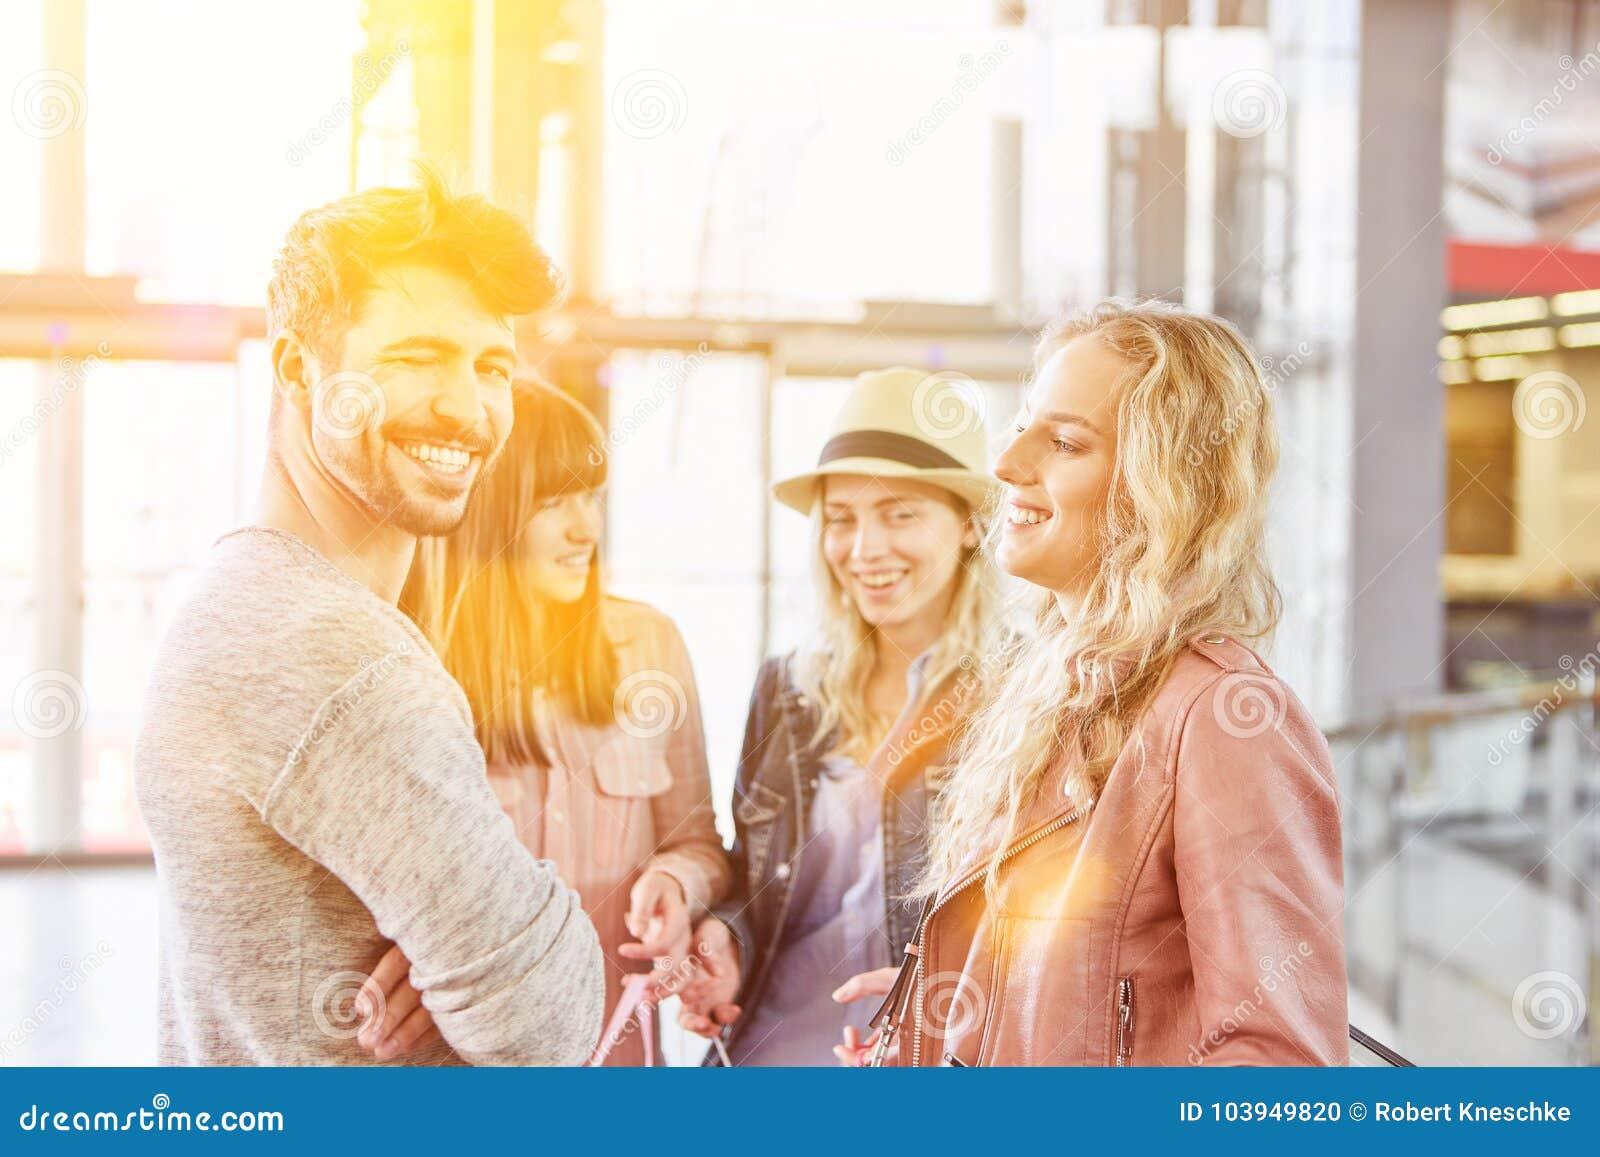 Ung grupp av vänner i en shoppinggalleria